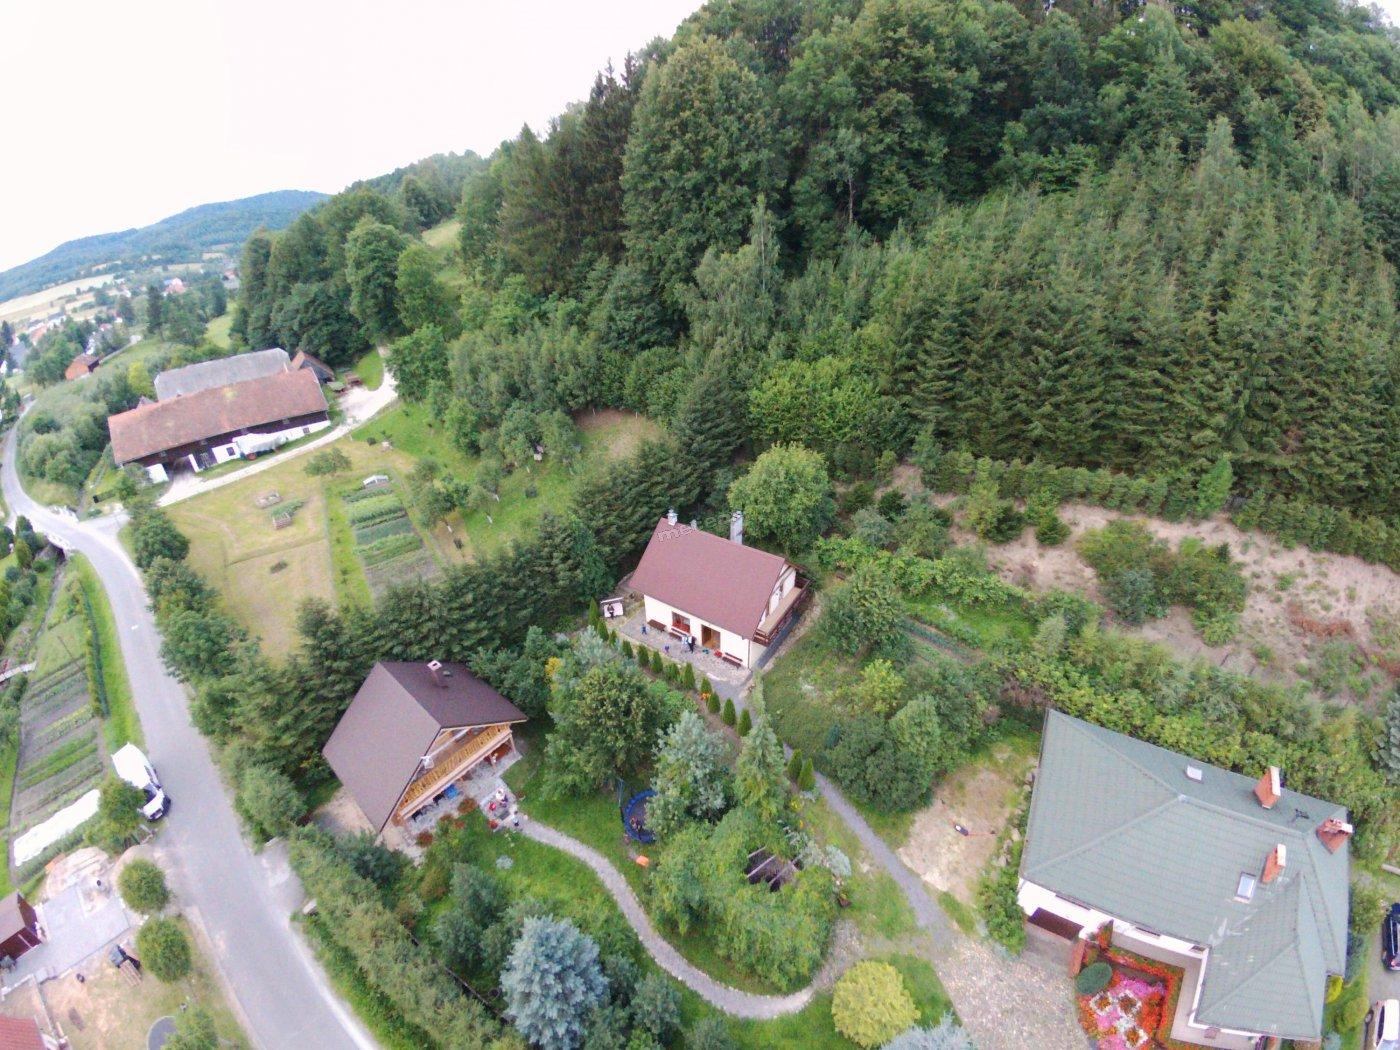 Widok na domki w zagrodzie